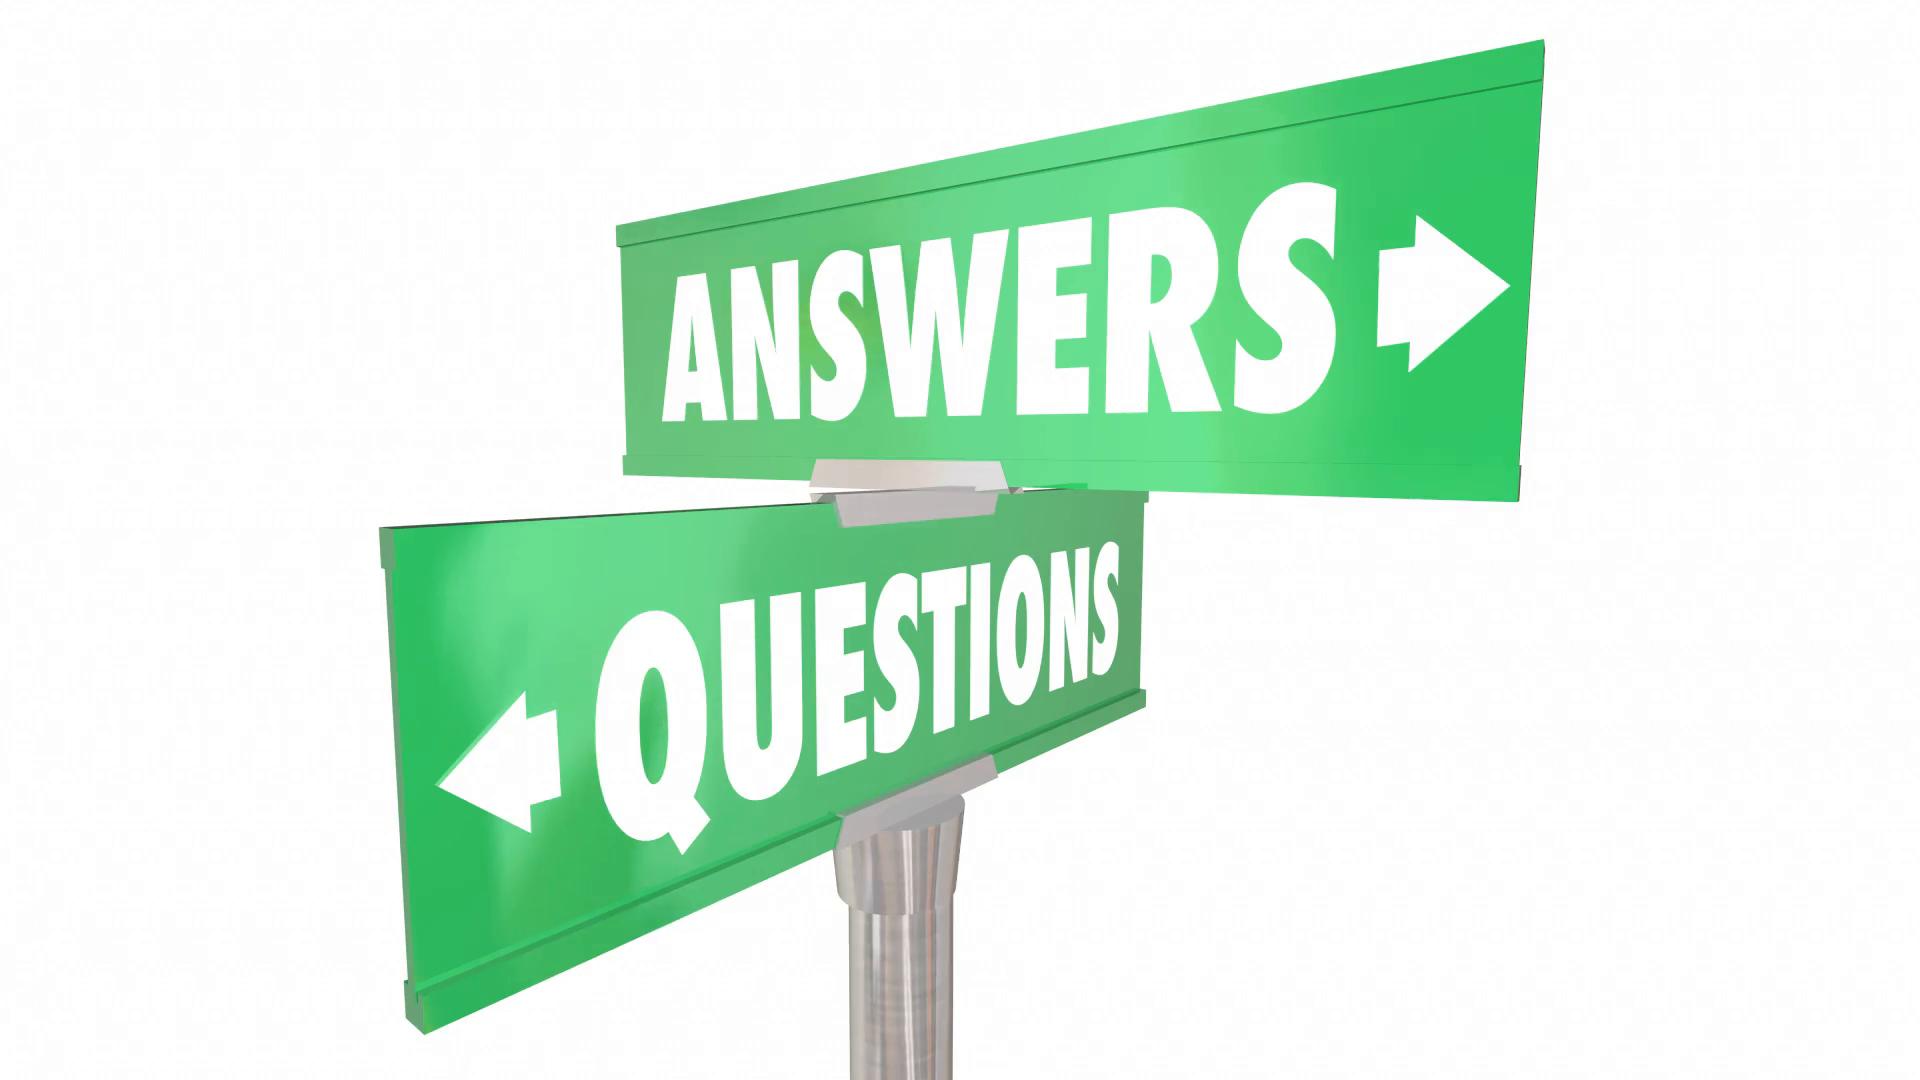 Đặt câu hỏi và câu trả lời với từ vựng tiếng Anh về tốc độ